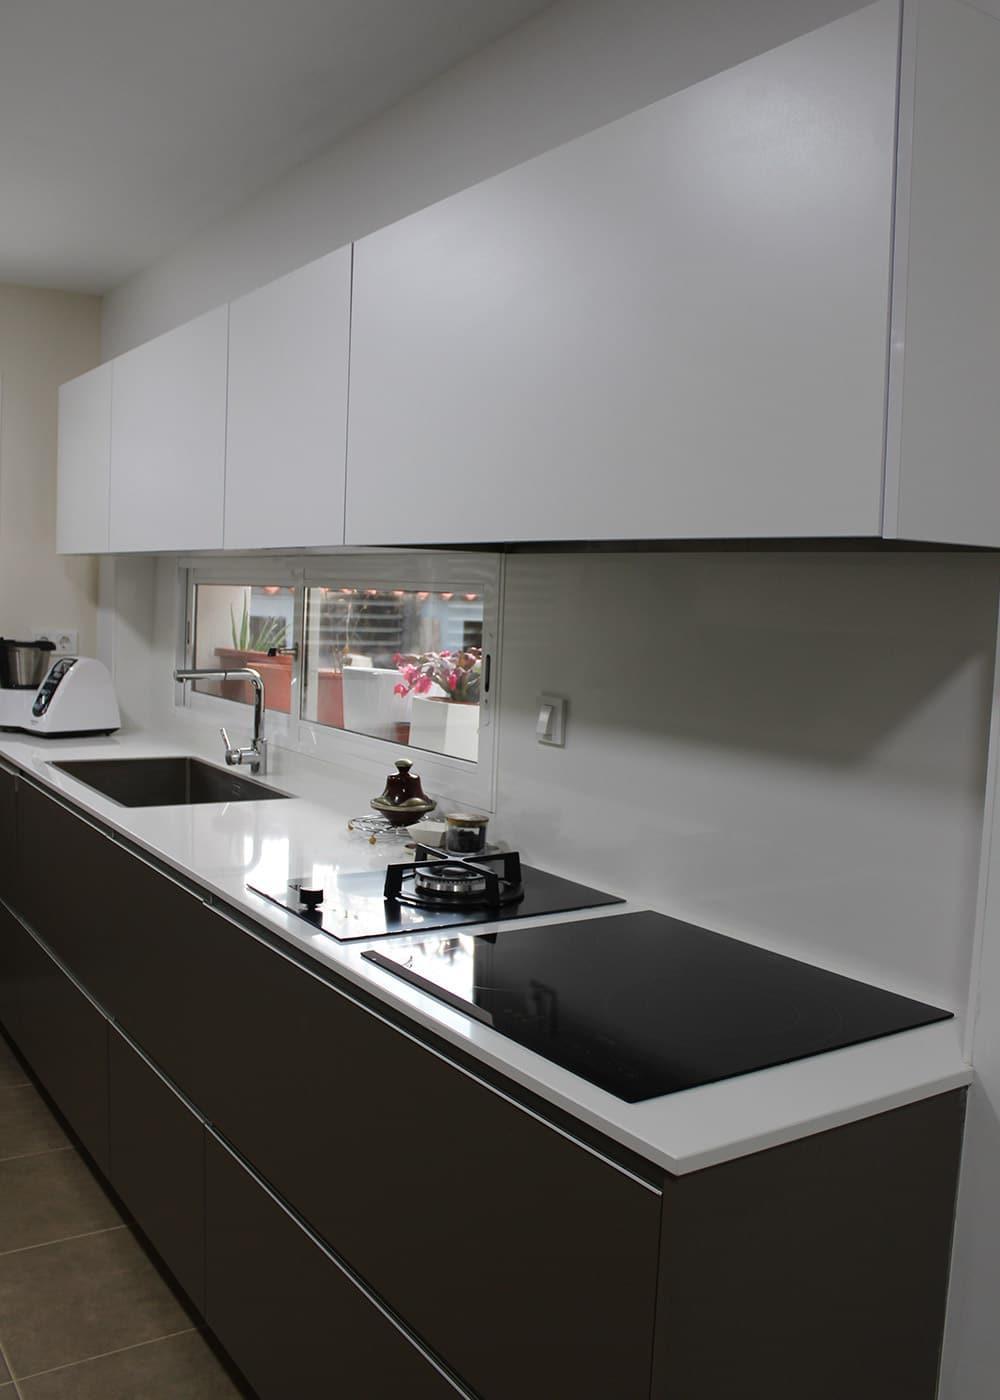 Detalle de muebles bajos y altos de cocina en color gris y blanco mate